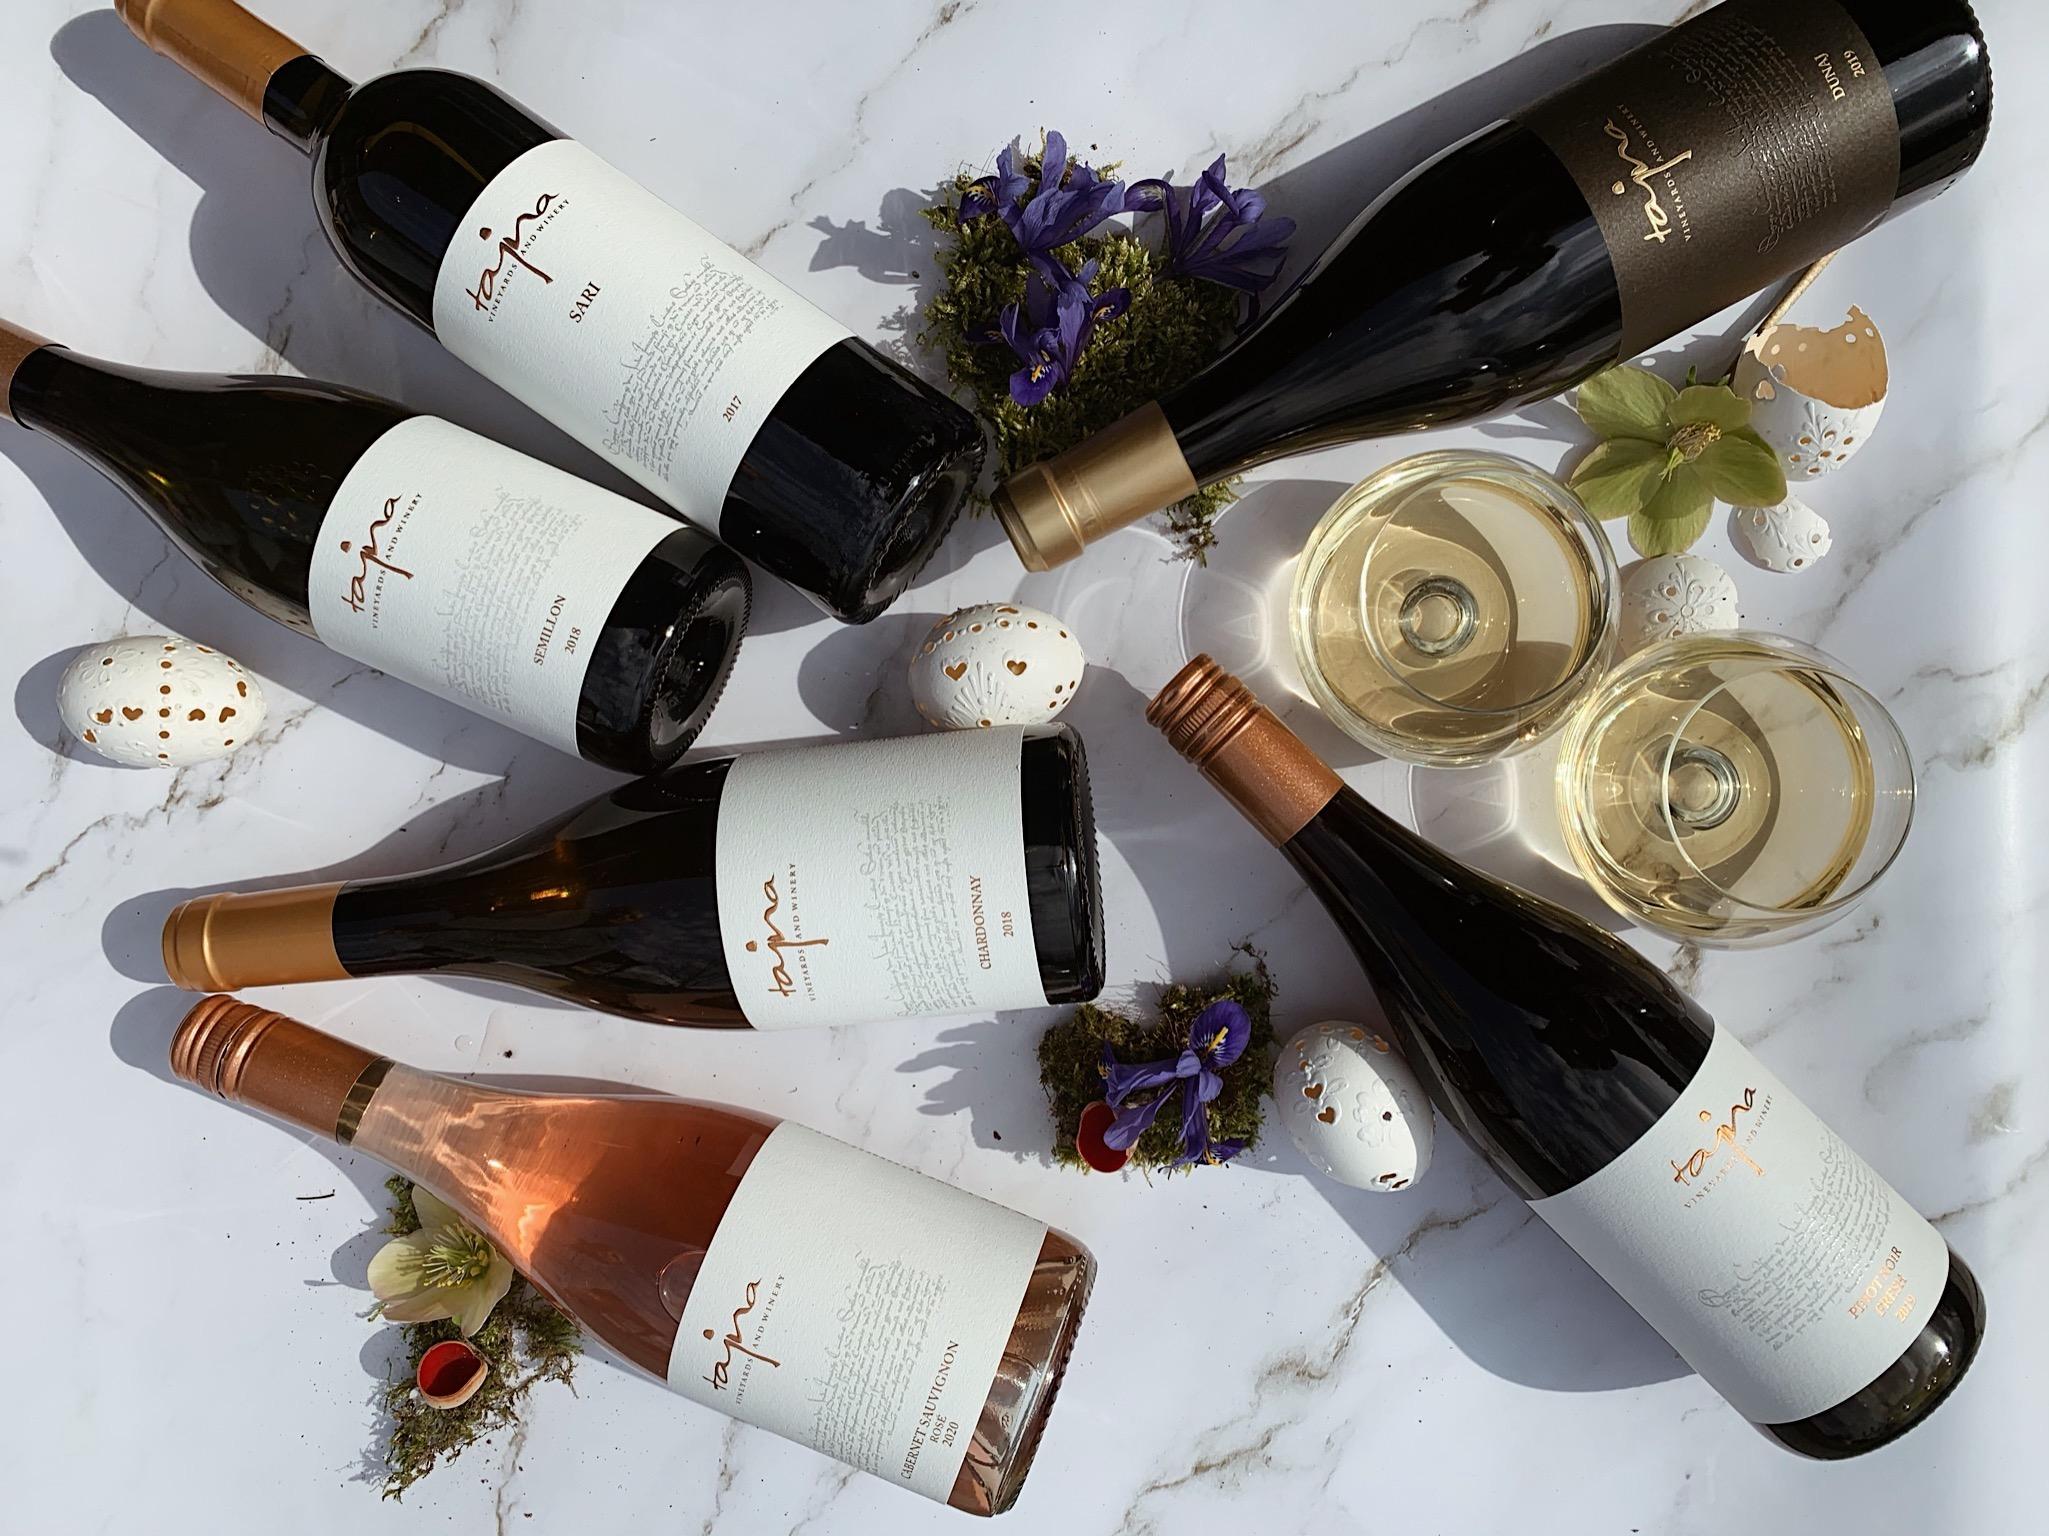 Veľká noc a víno – vychutnajte si tradičné jedlá s vínom